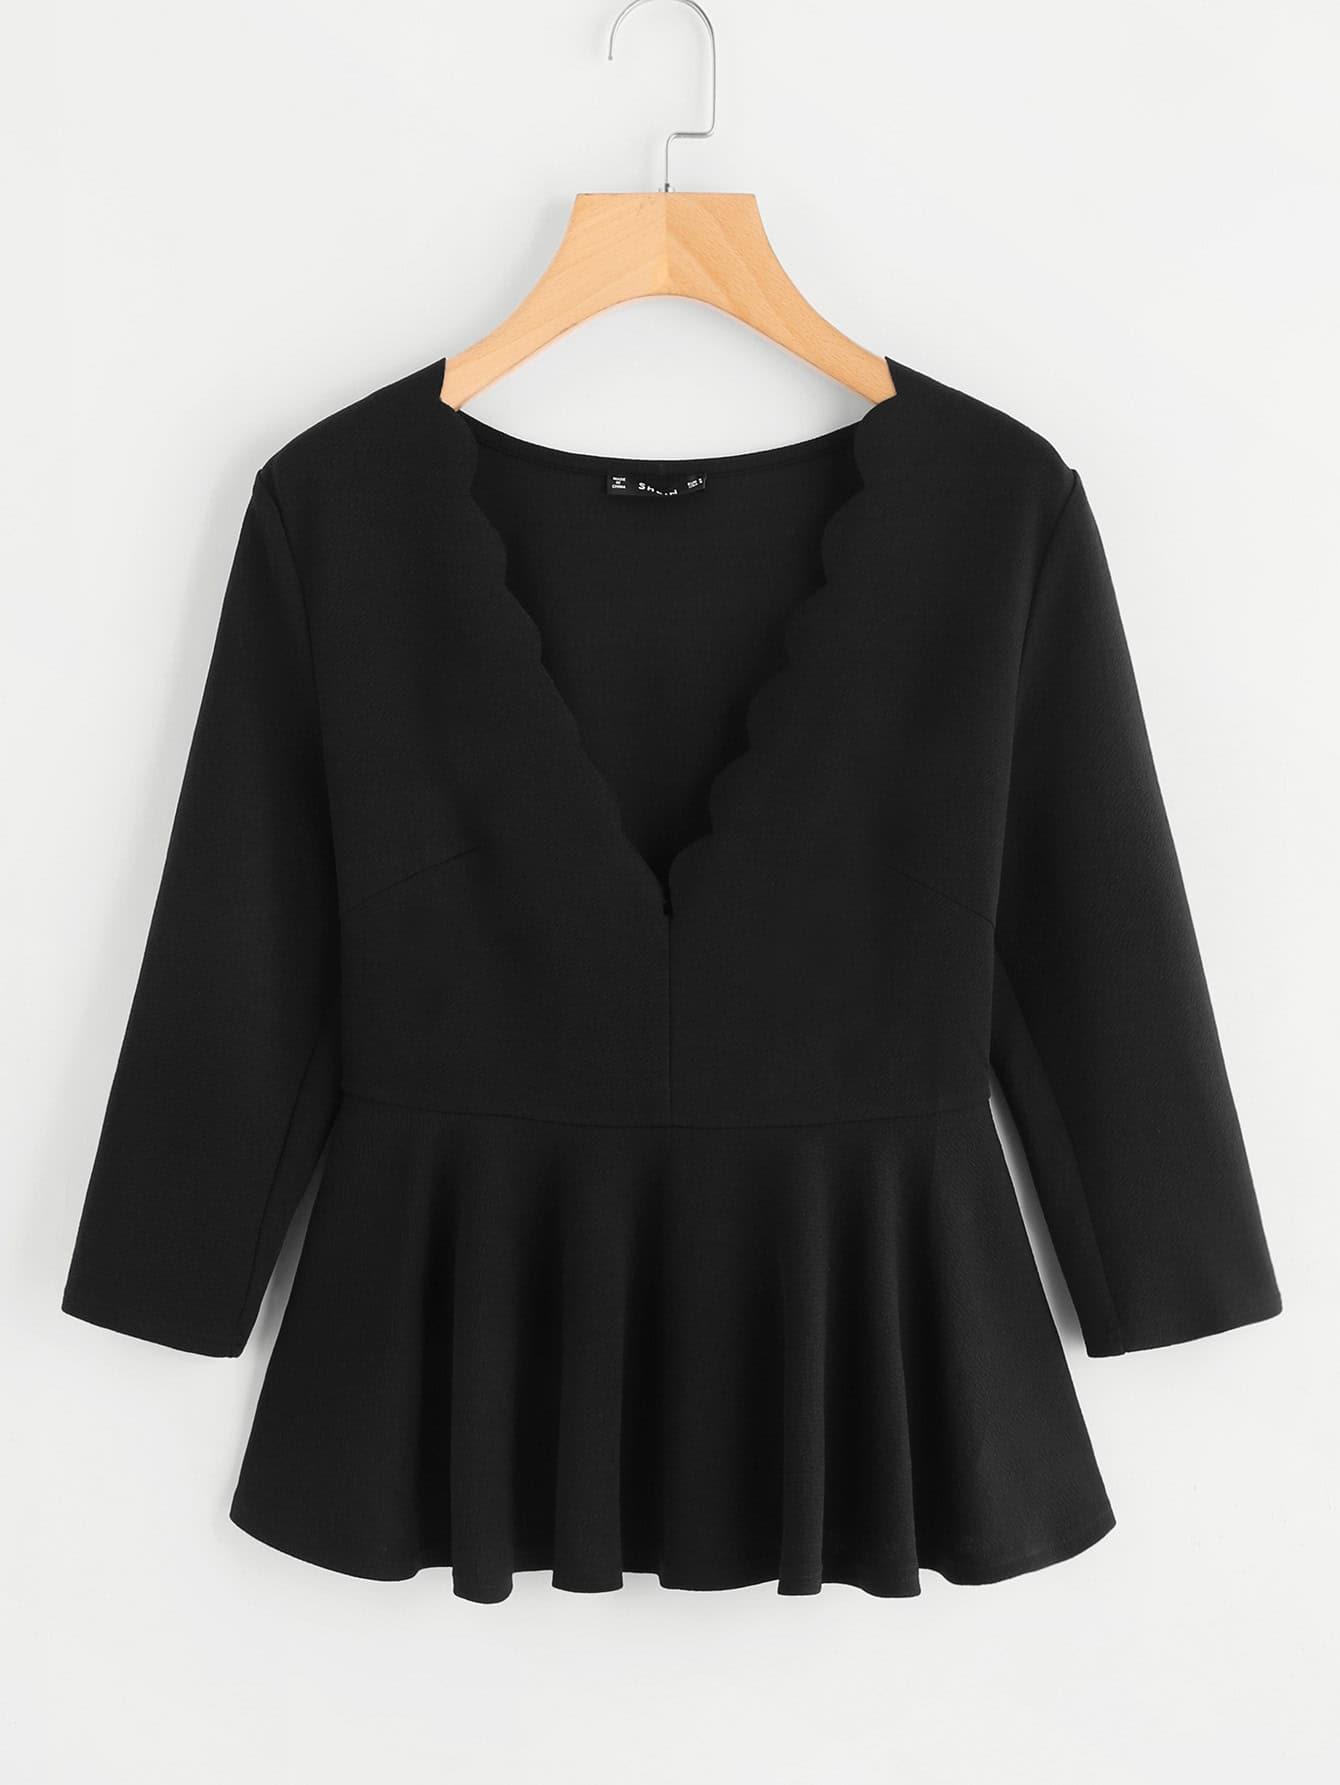 Купить Модная блуза с фестонами и оригинальным вырезом, null, SheIn